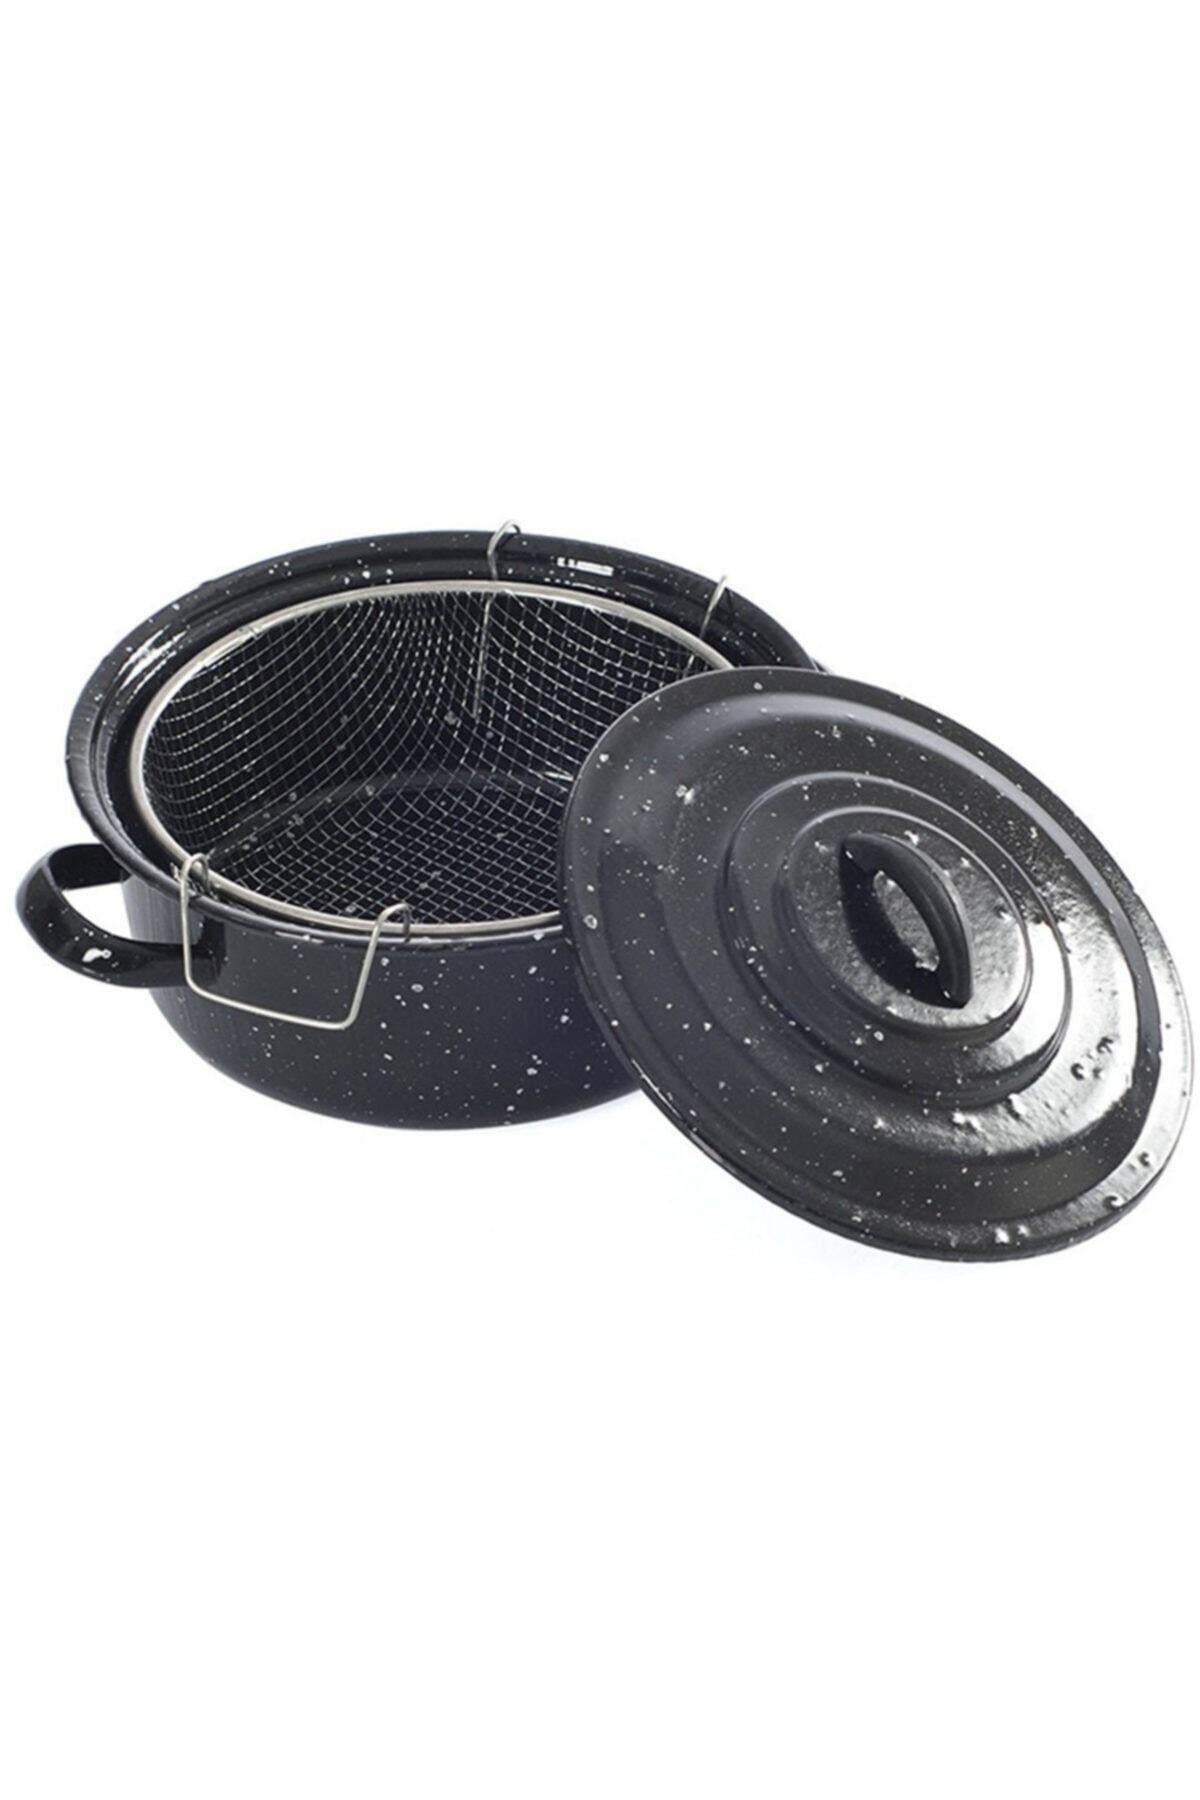 Essen Siyah Kapaklı Emaye Cips Fritöz Kızartma Tenceresi 25 cm 1